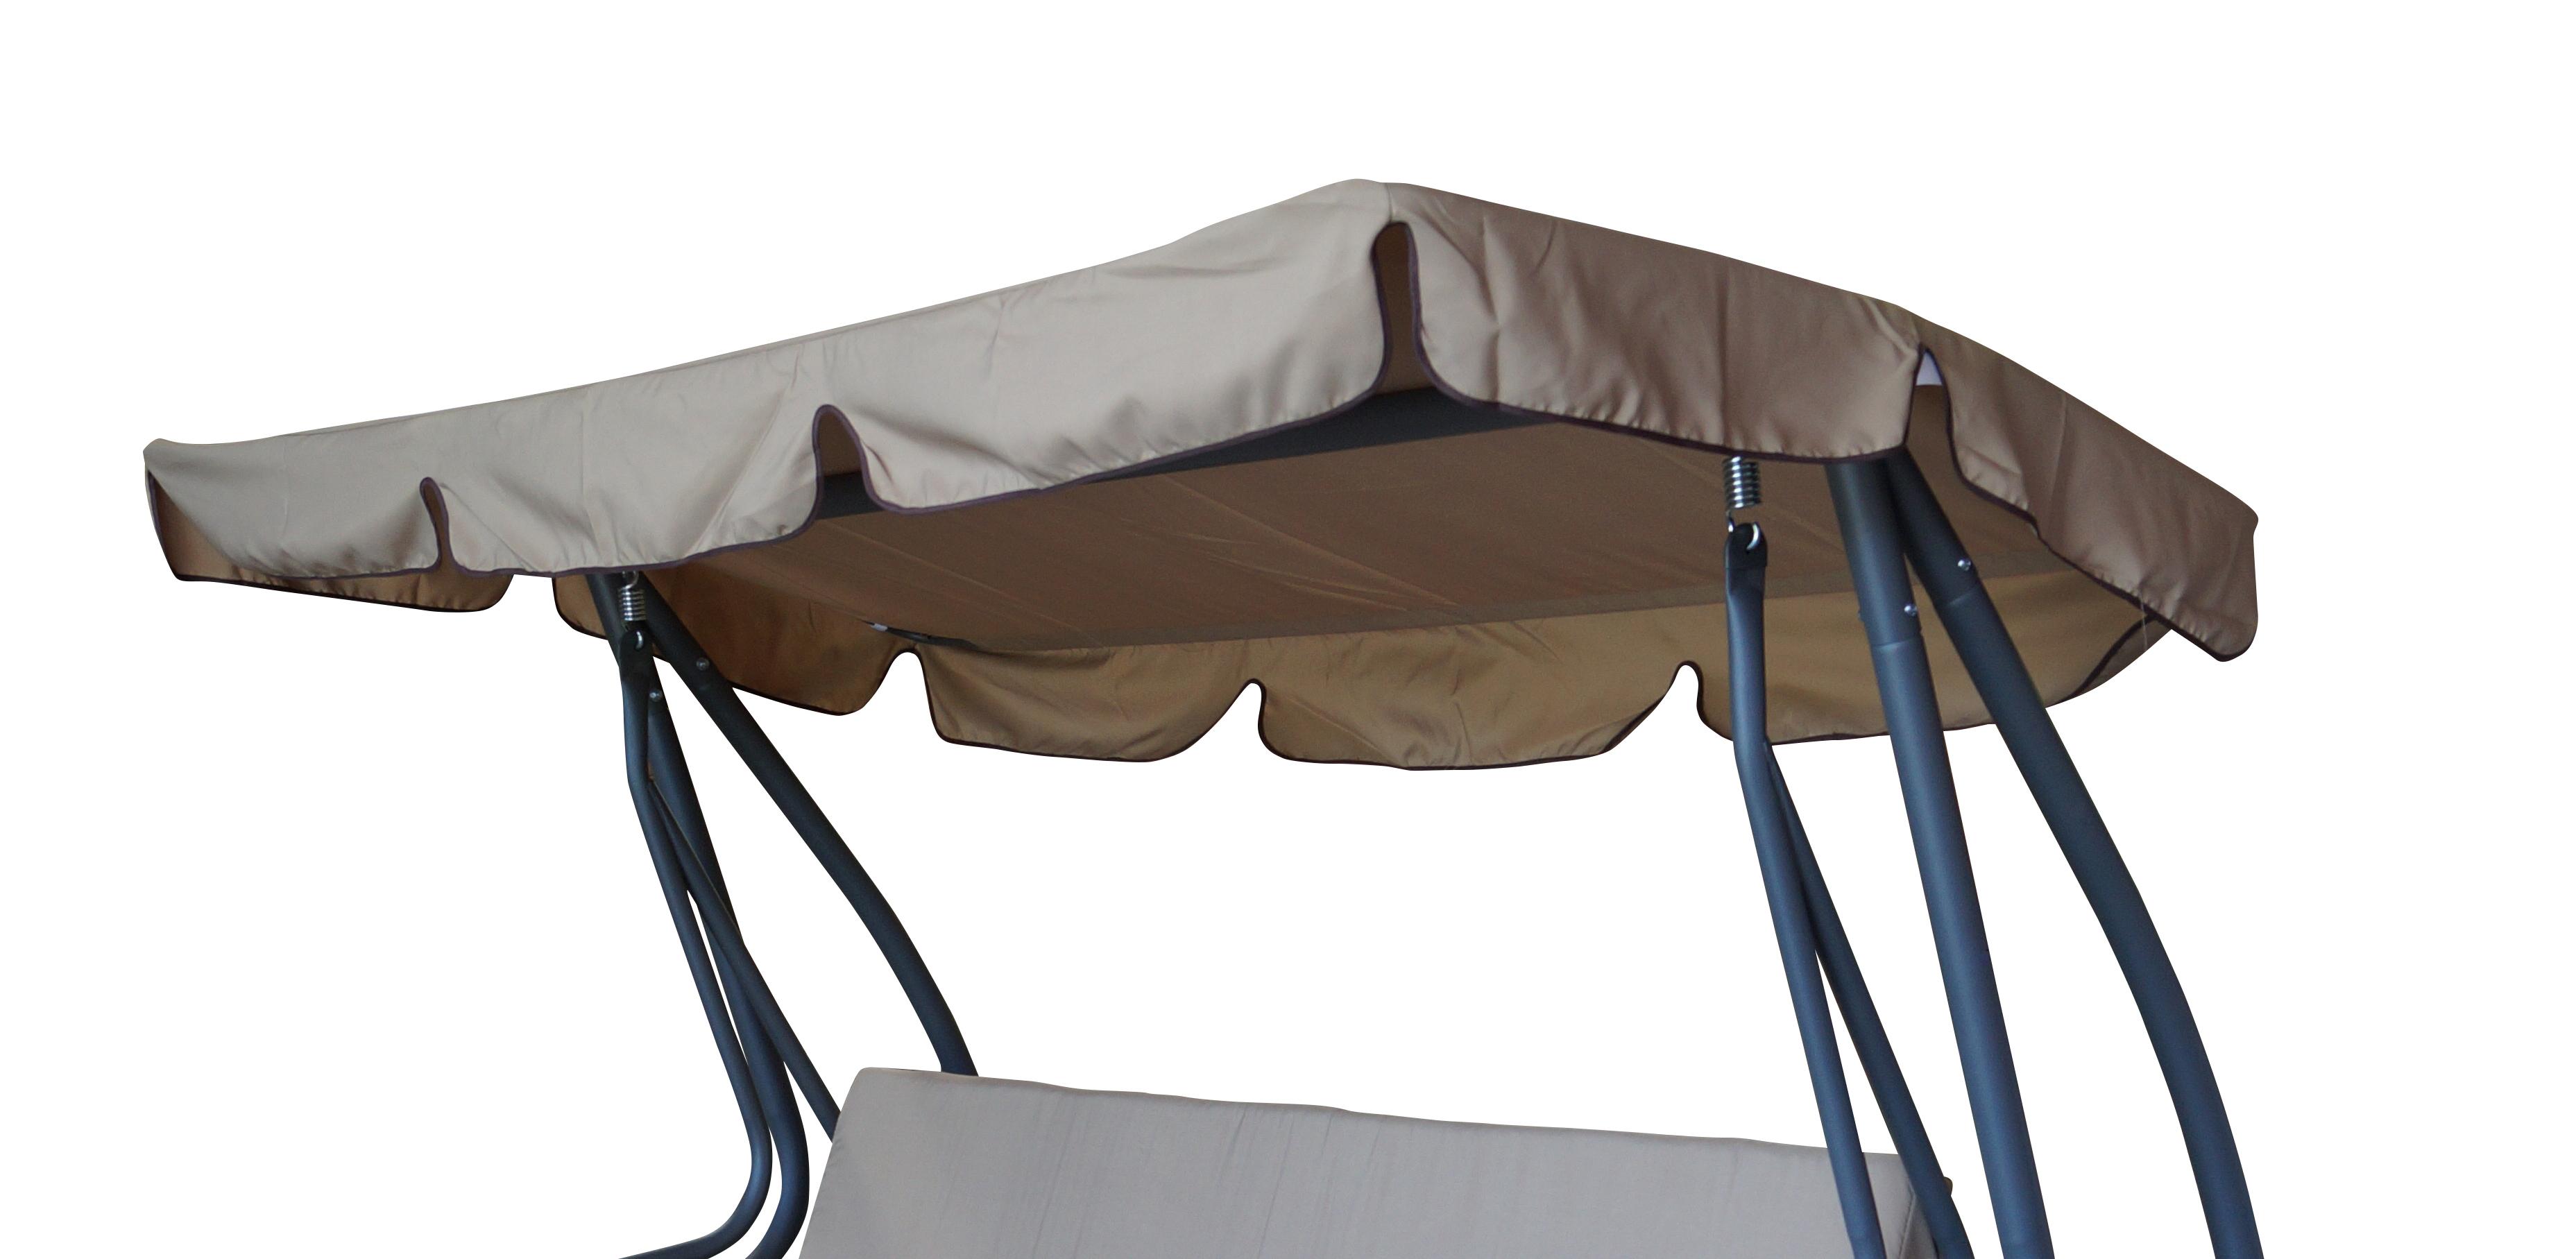 Dachplane für Hollywoodschaukel MIAMI 228x120cm, cremefarben